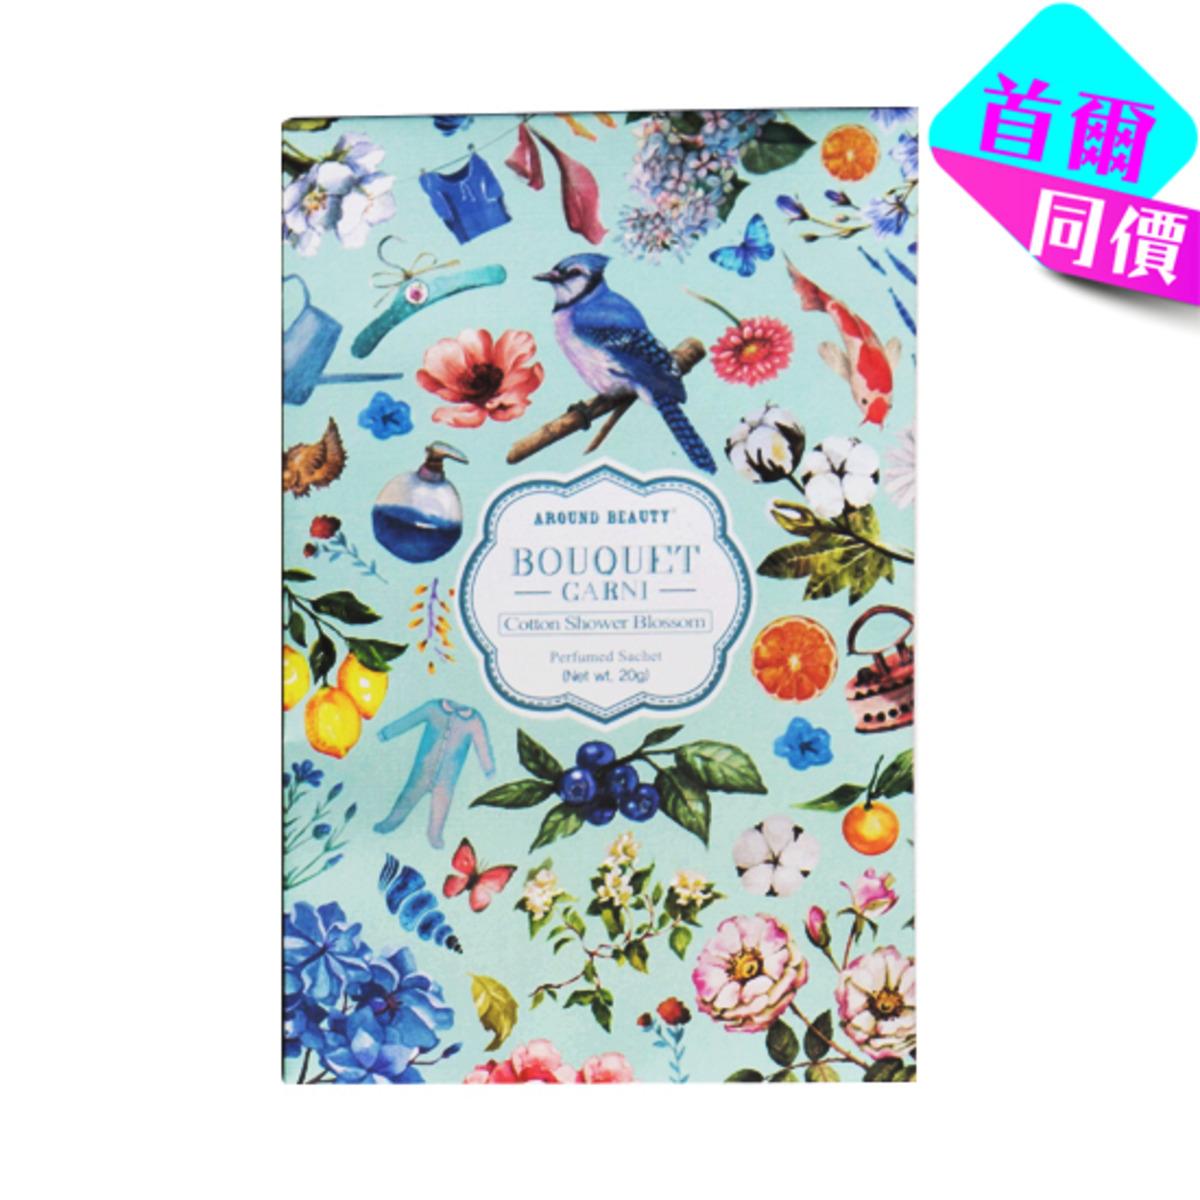 衣櫥香囊 Cotton Shower Blossom 20g